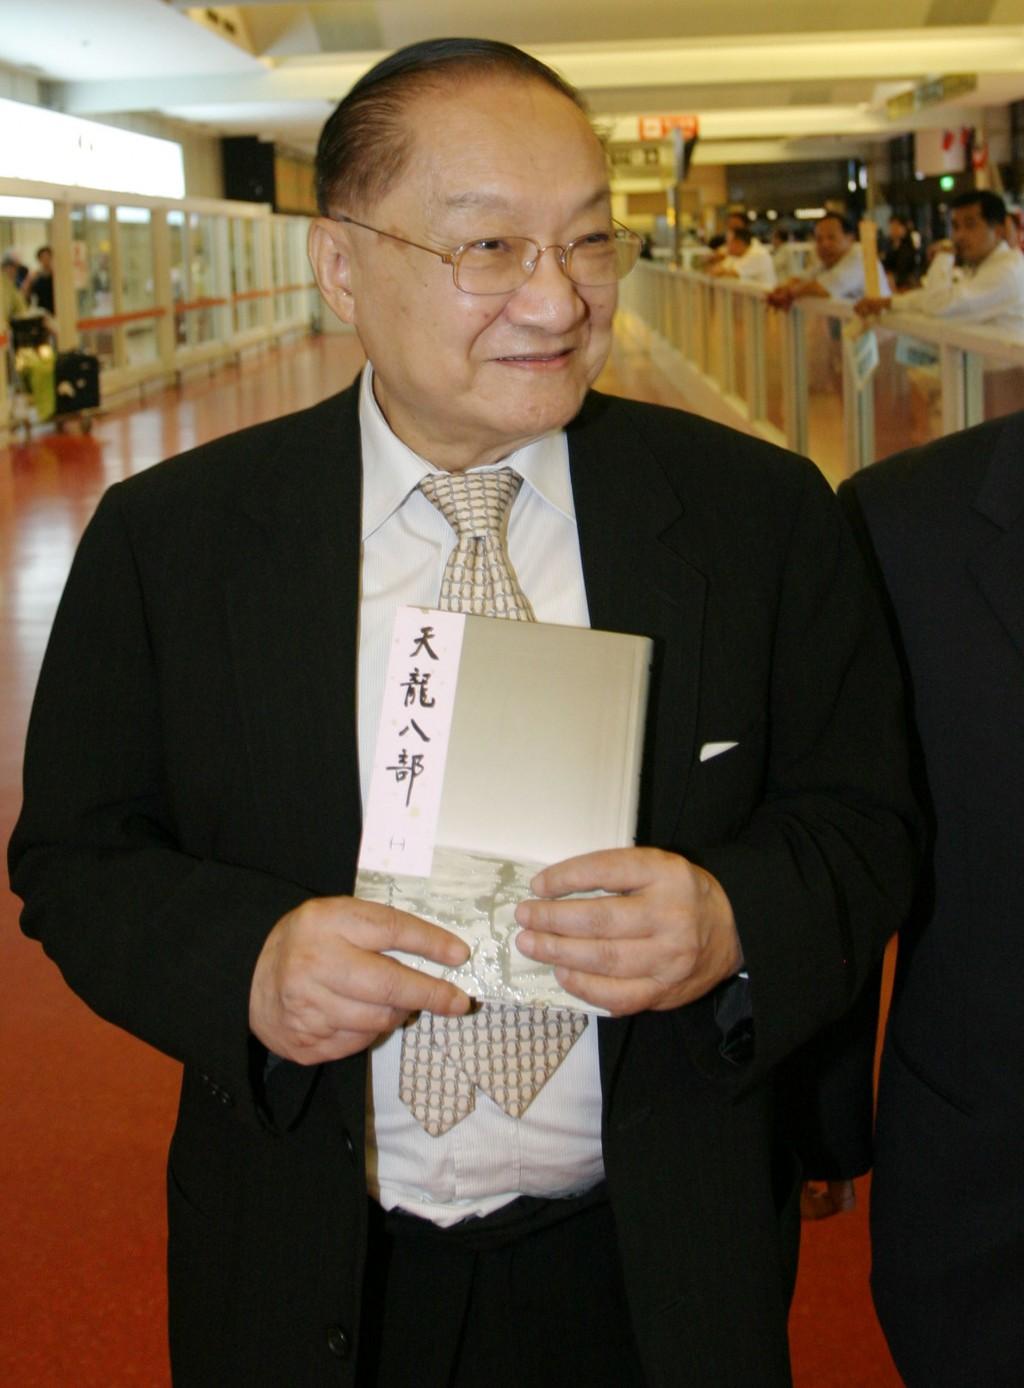 據香港媒體報導,本名查良鏞的知名武俠小說大師金庸 30日在港病逝,享耆壽94歲。圖為金庸2005年間為宣傳 新版小說訪台。 (檔案照...